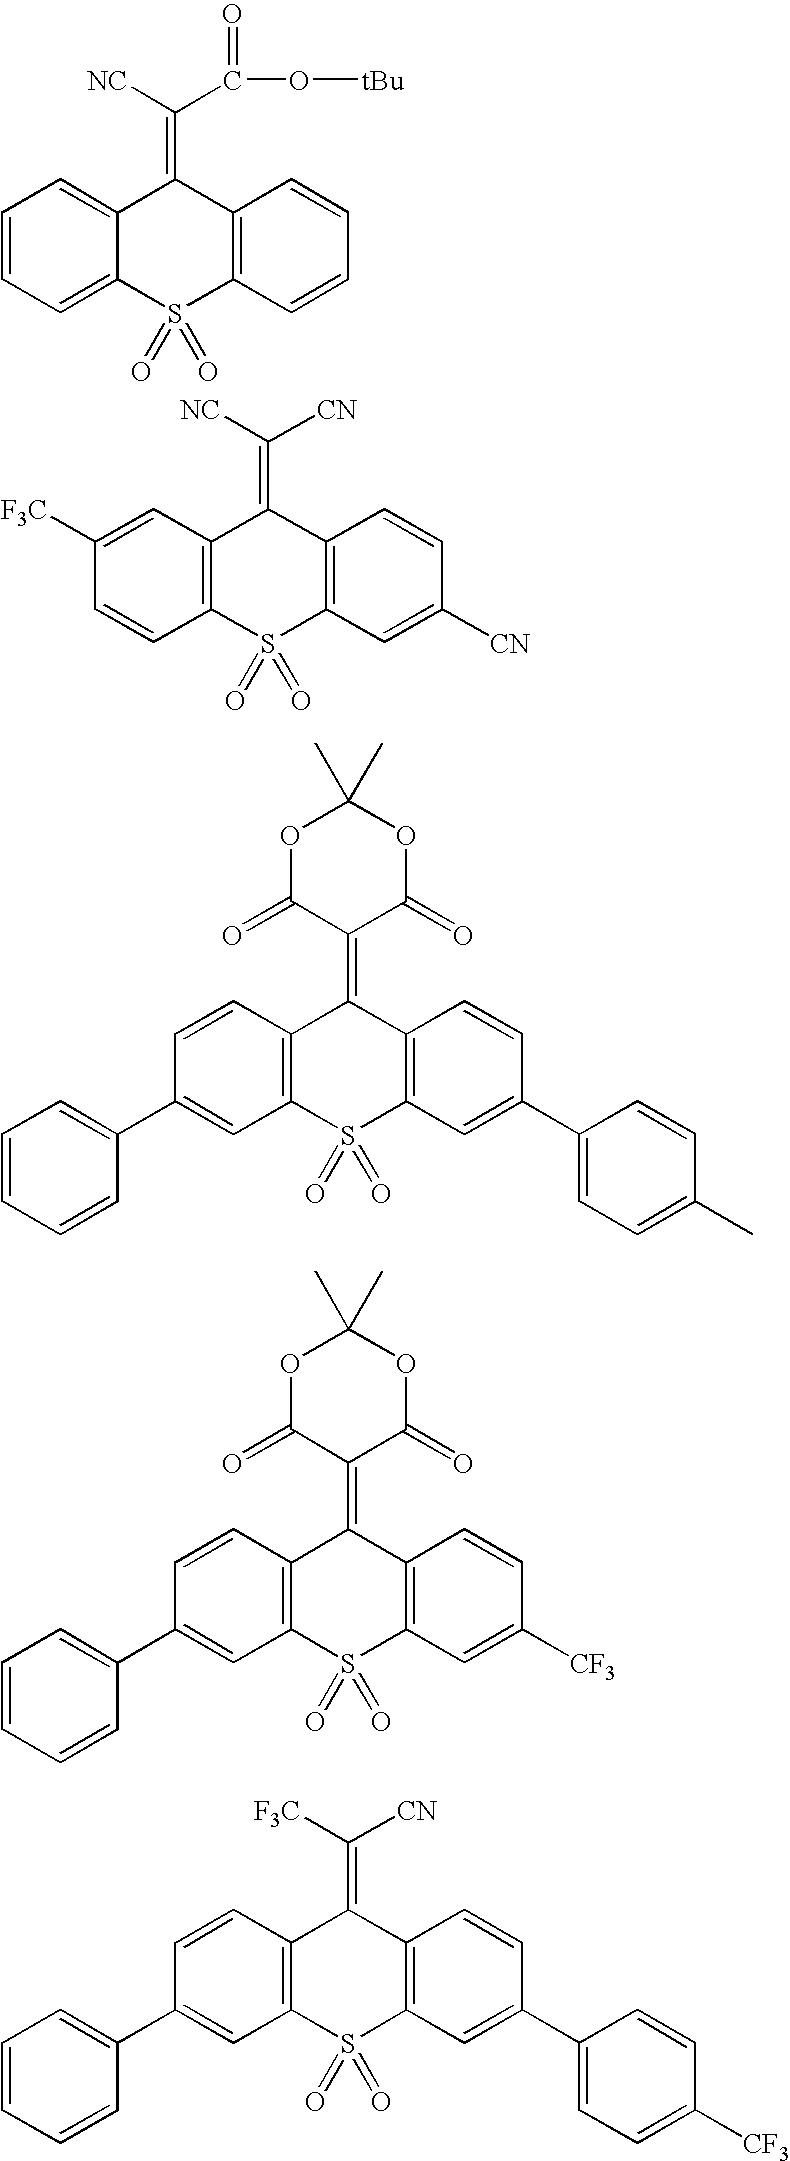 Figure US20080049413A1-20080228-C00060